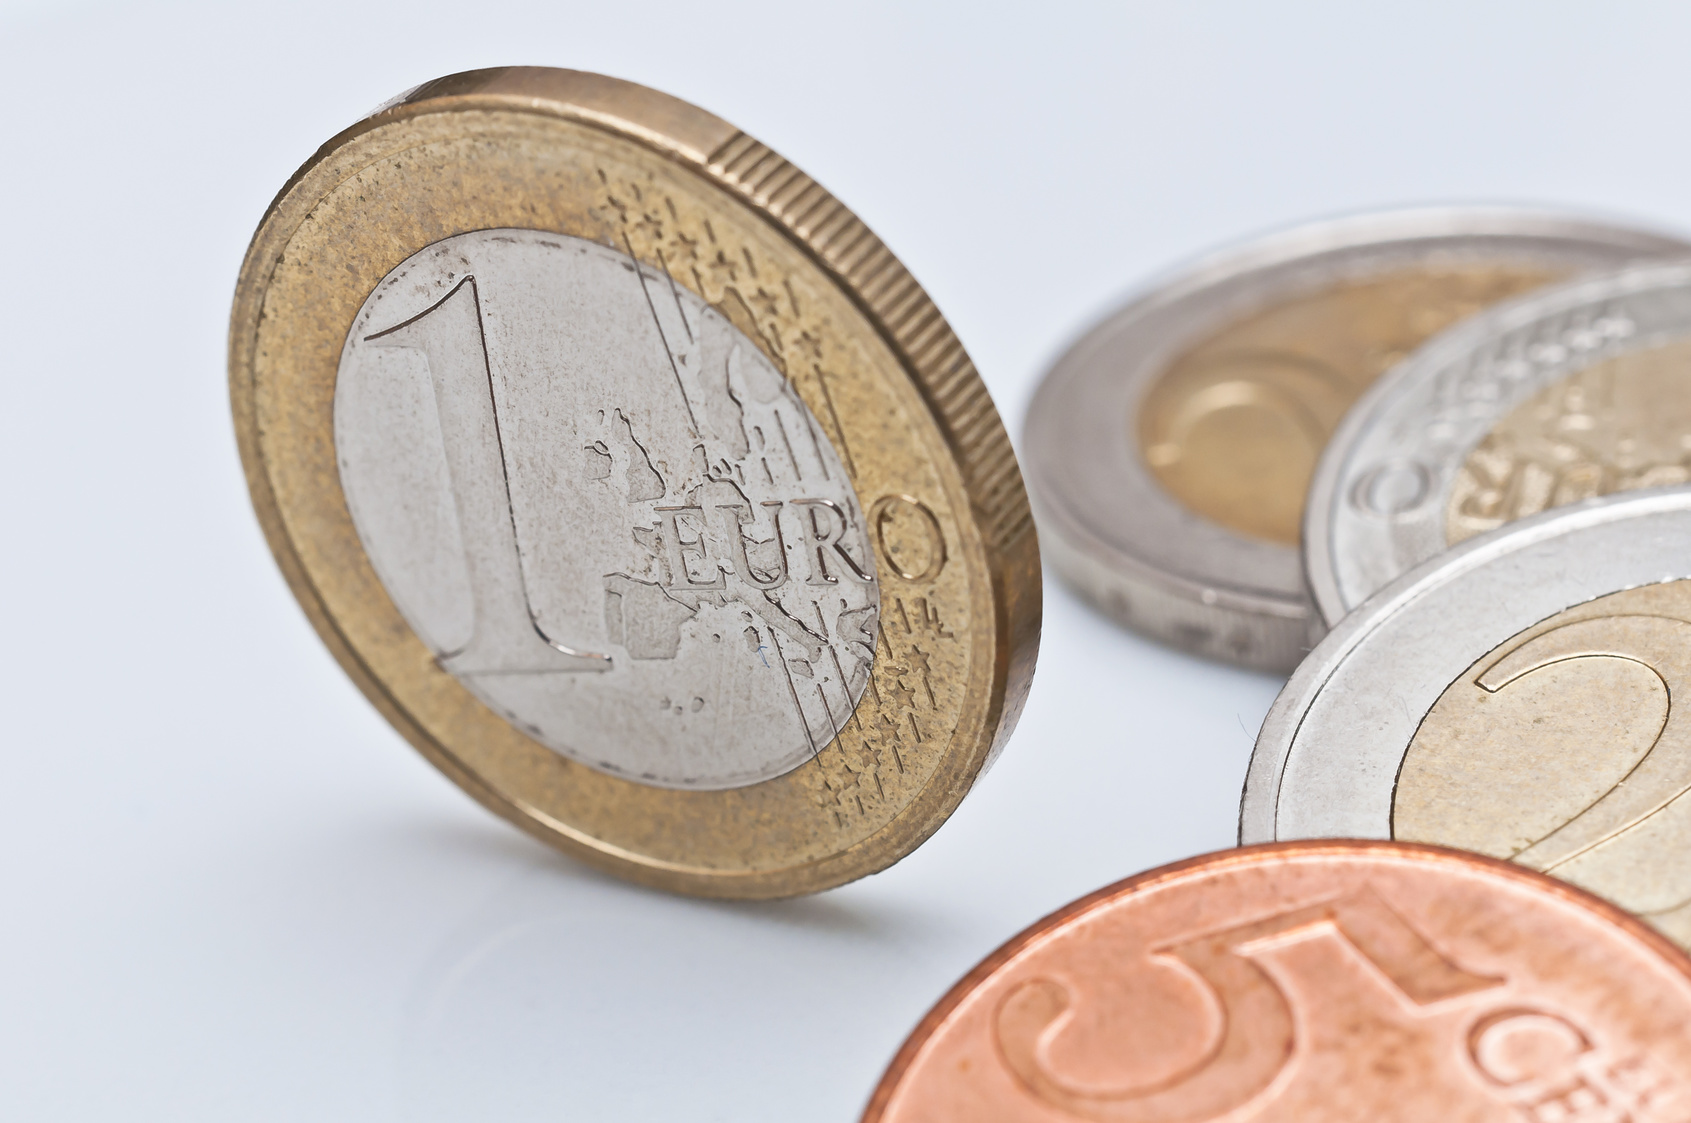 Begehrt Diese Euro-Münzen und -Scheine sind jetzt Tausende Euro wert!